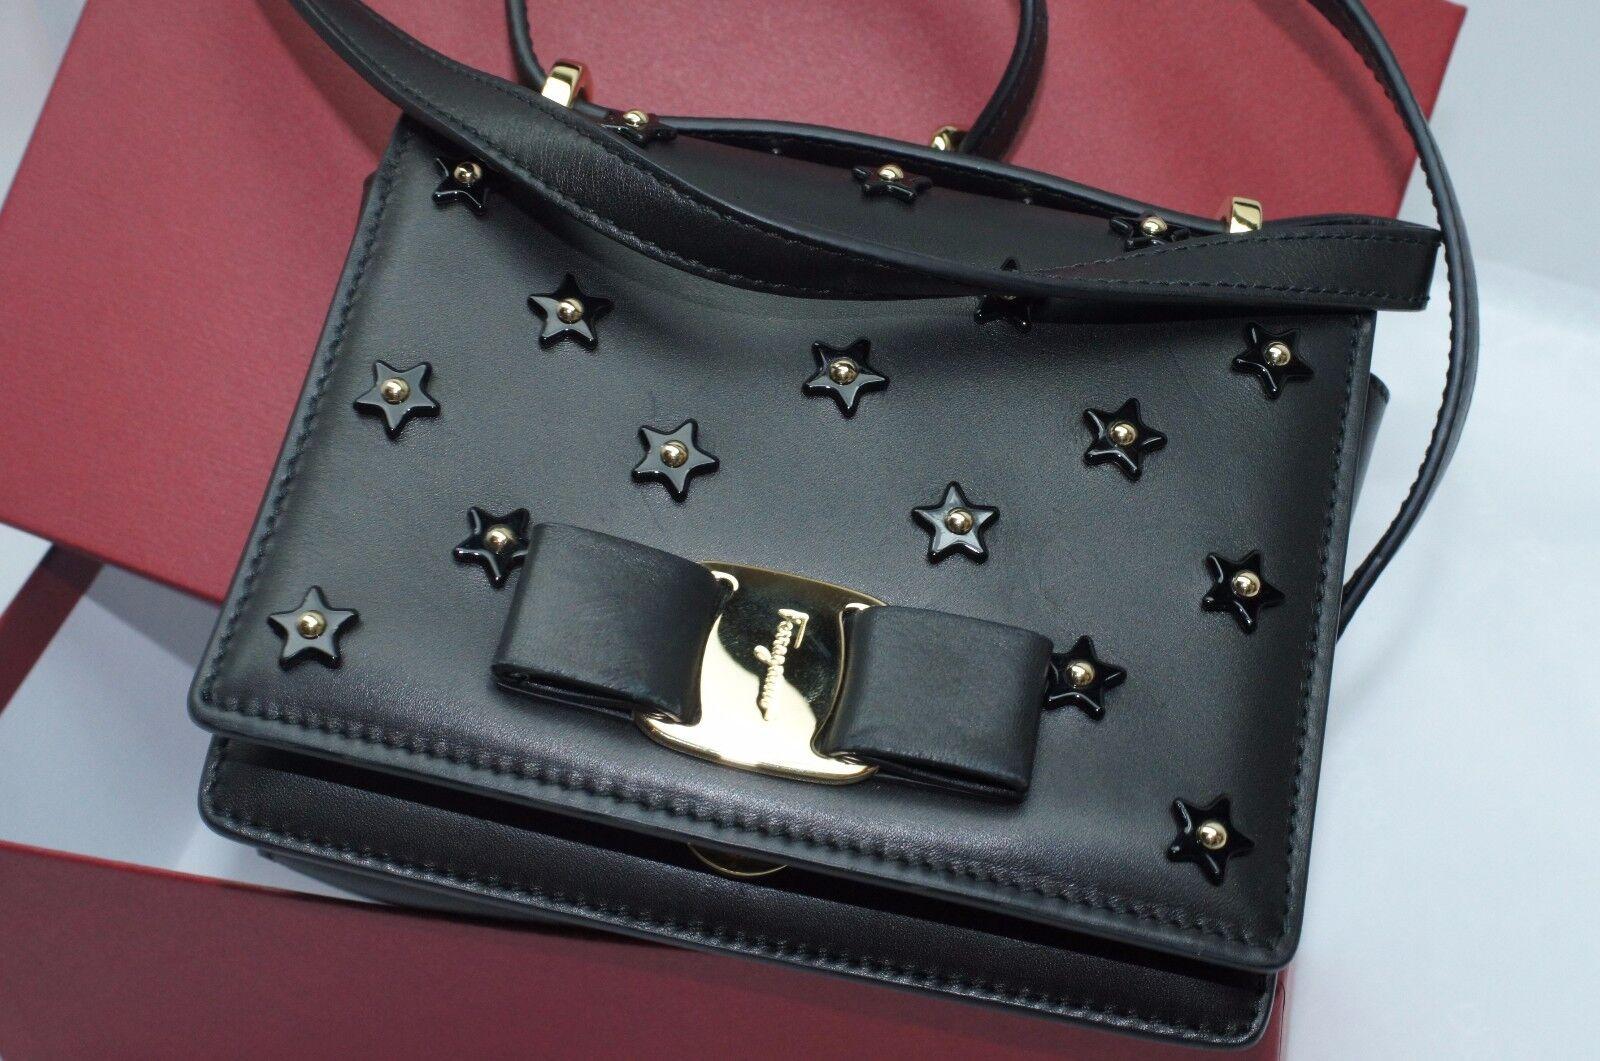 Salvatore Ferragamo Ginny Black Bag Crossbody Holiday Gift Clutch ... c7fd81a46915f